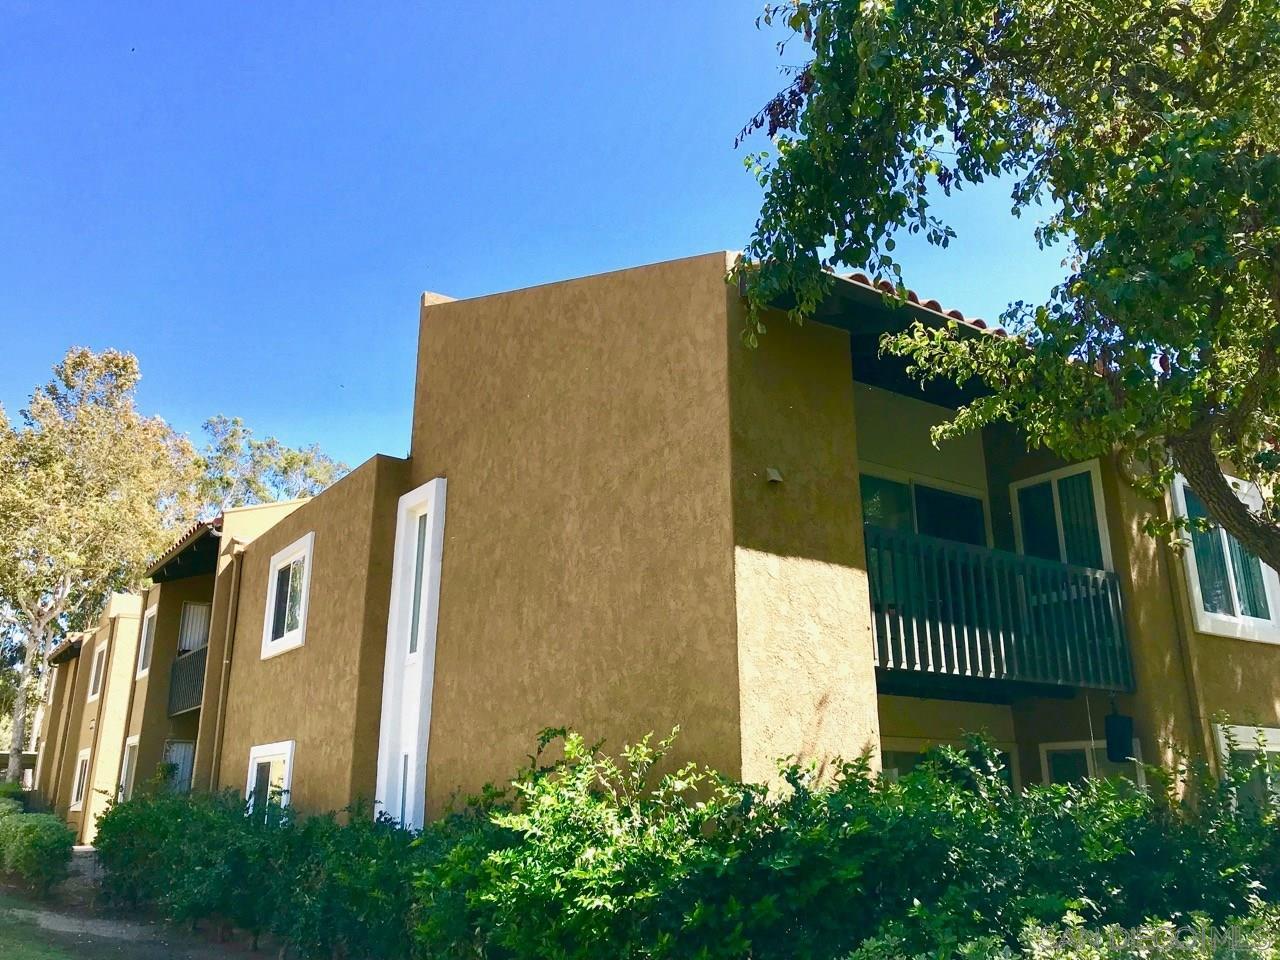 17127 W Bernardo Dr 202, Rancho Bernardo, CA 92127